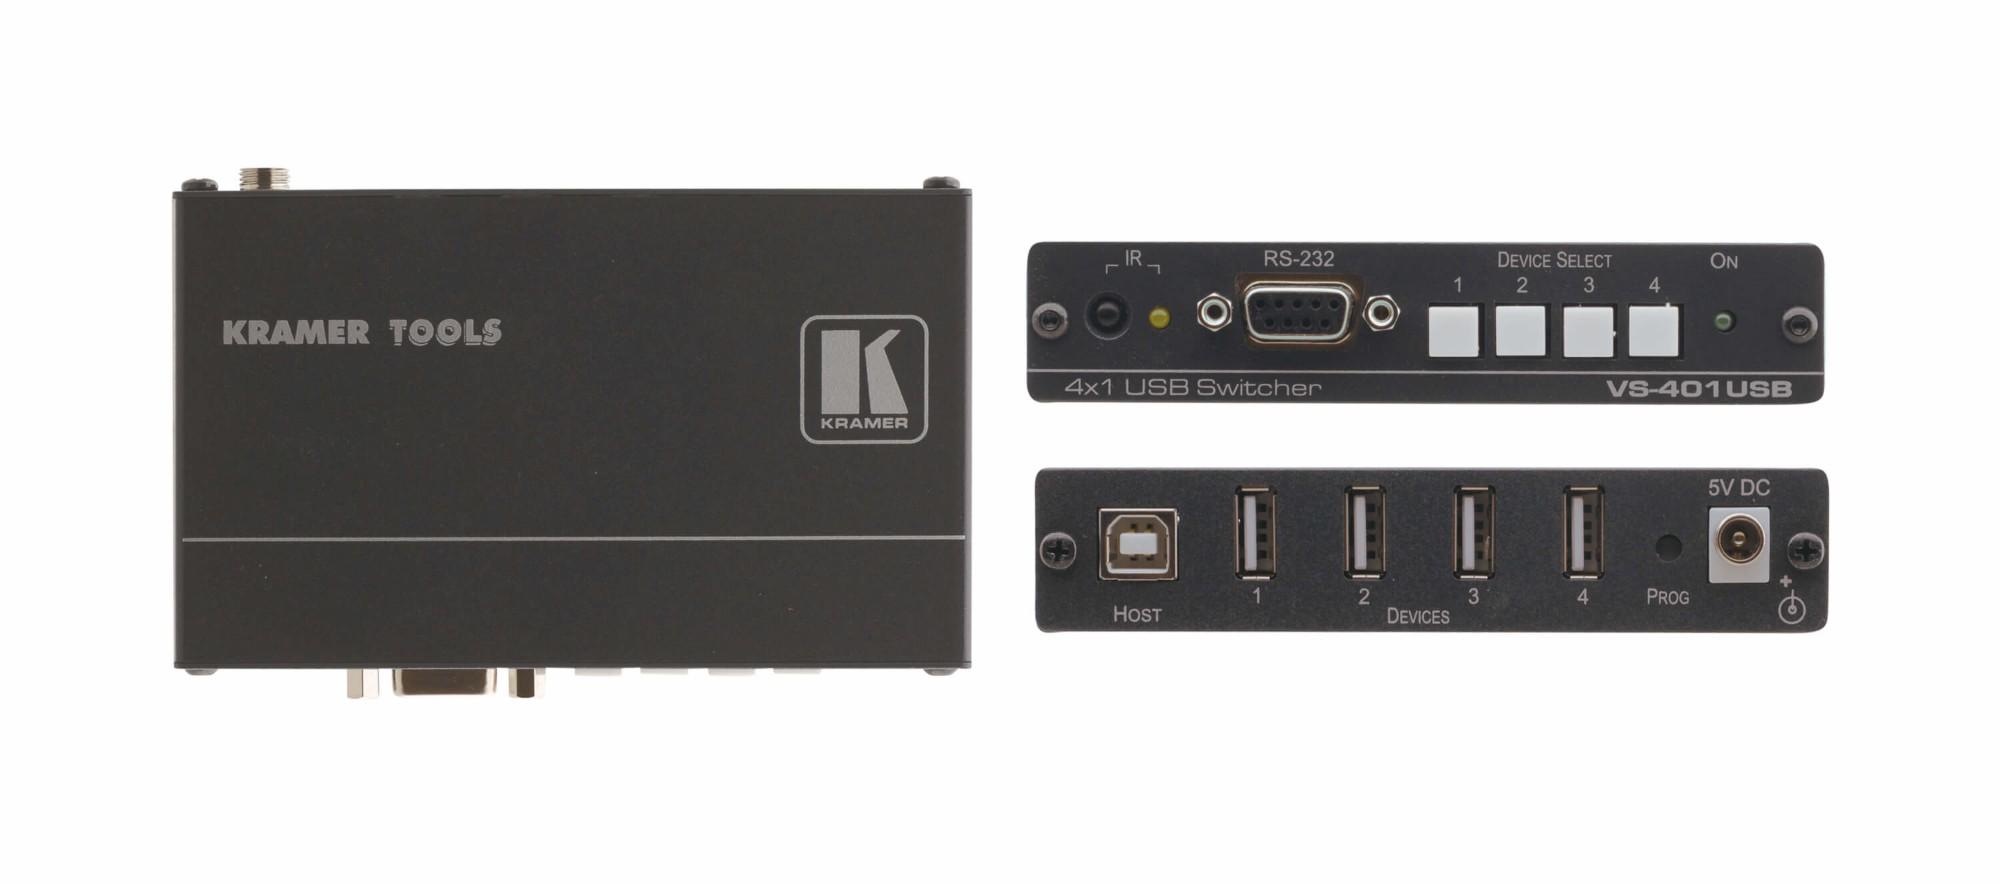 Kramer Electronics VS-401USB video switch